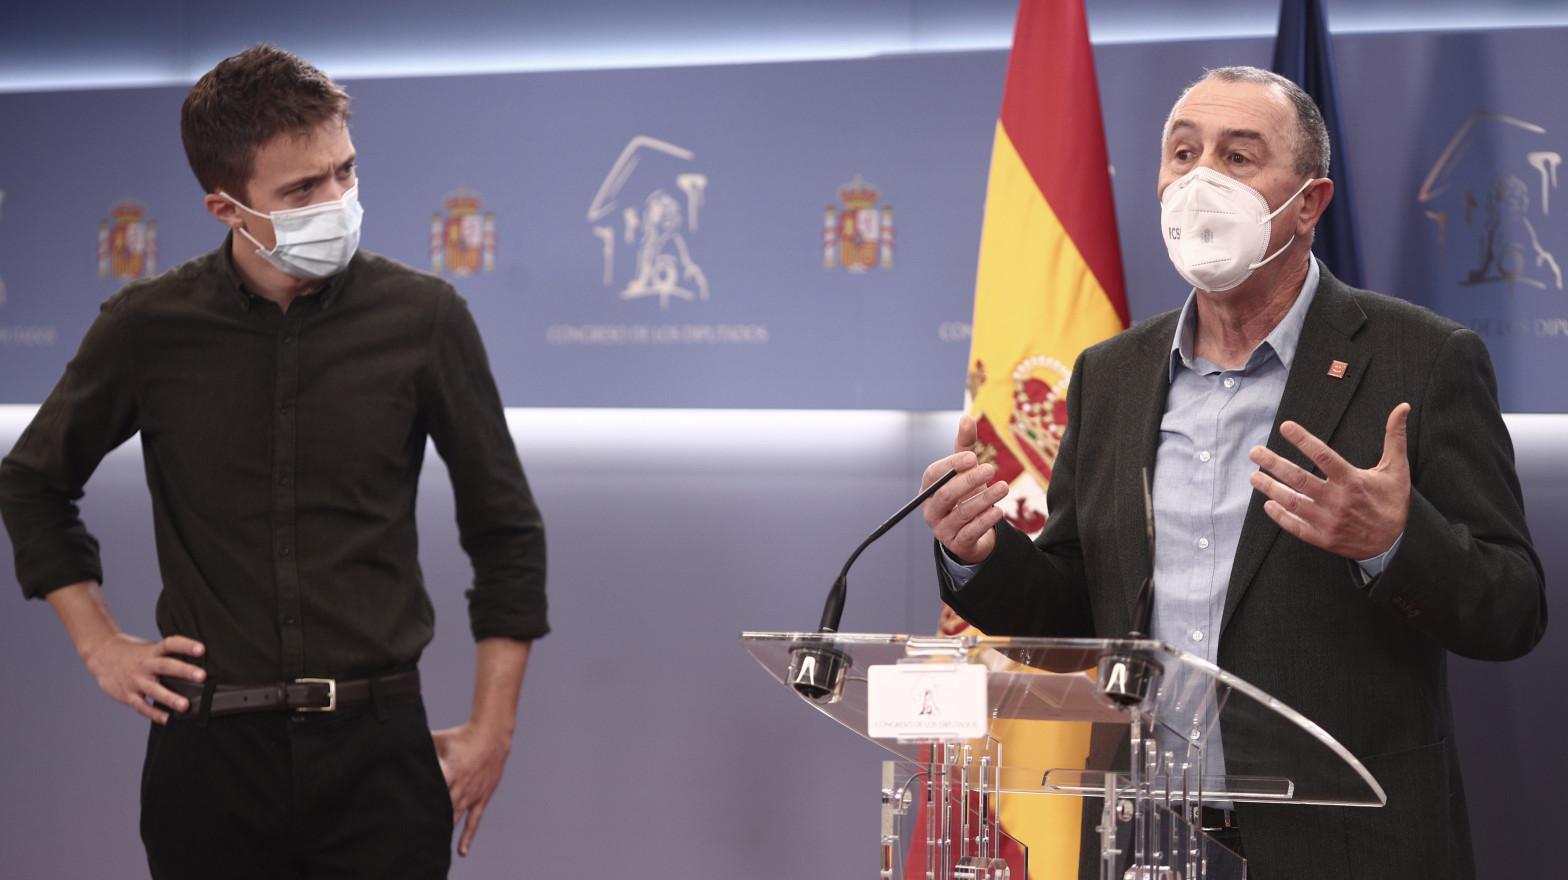 """Baldoví: Iglesias """"dura poco en los sitios"""" y con Díaz habrá acuerdos sin """"tanto espectáculo"""""""